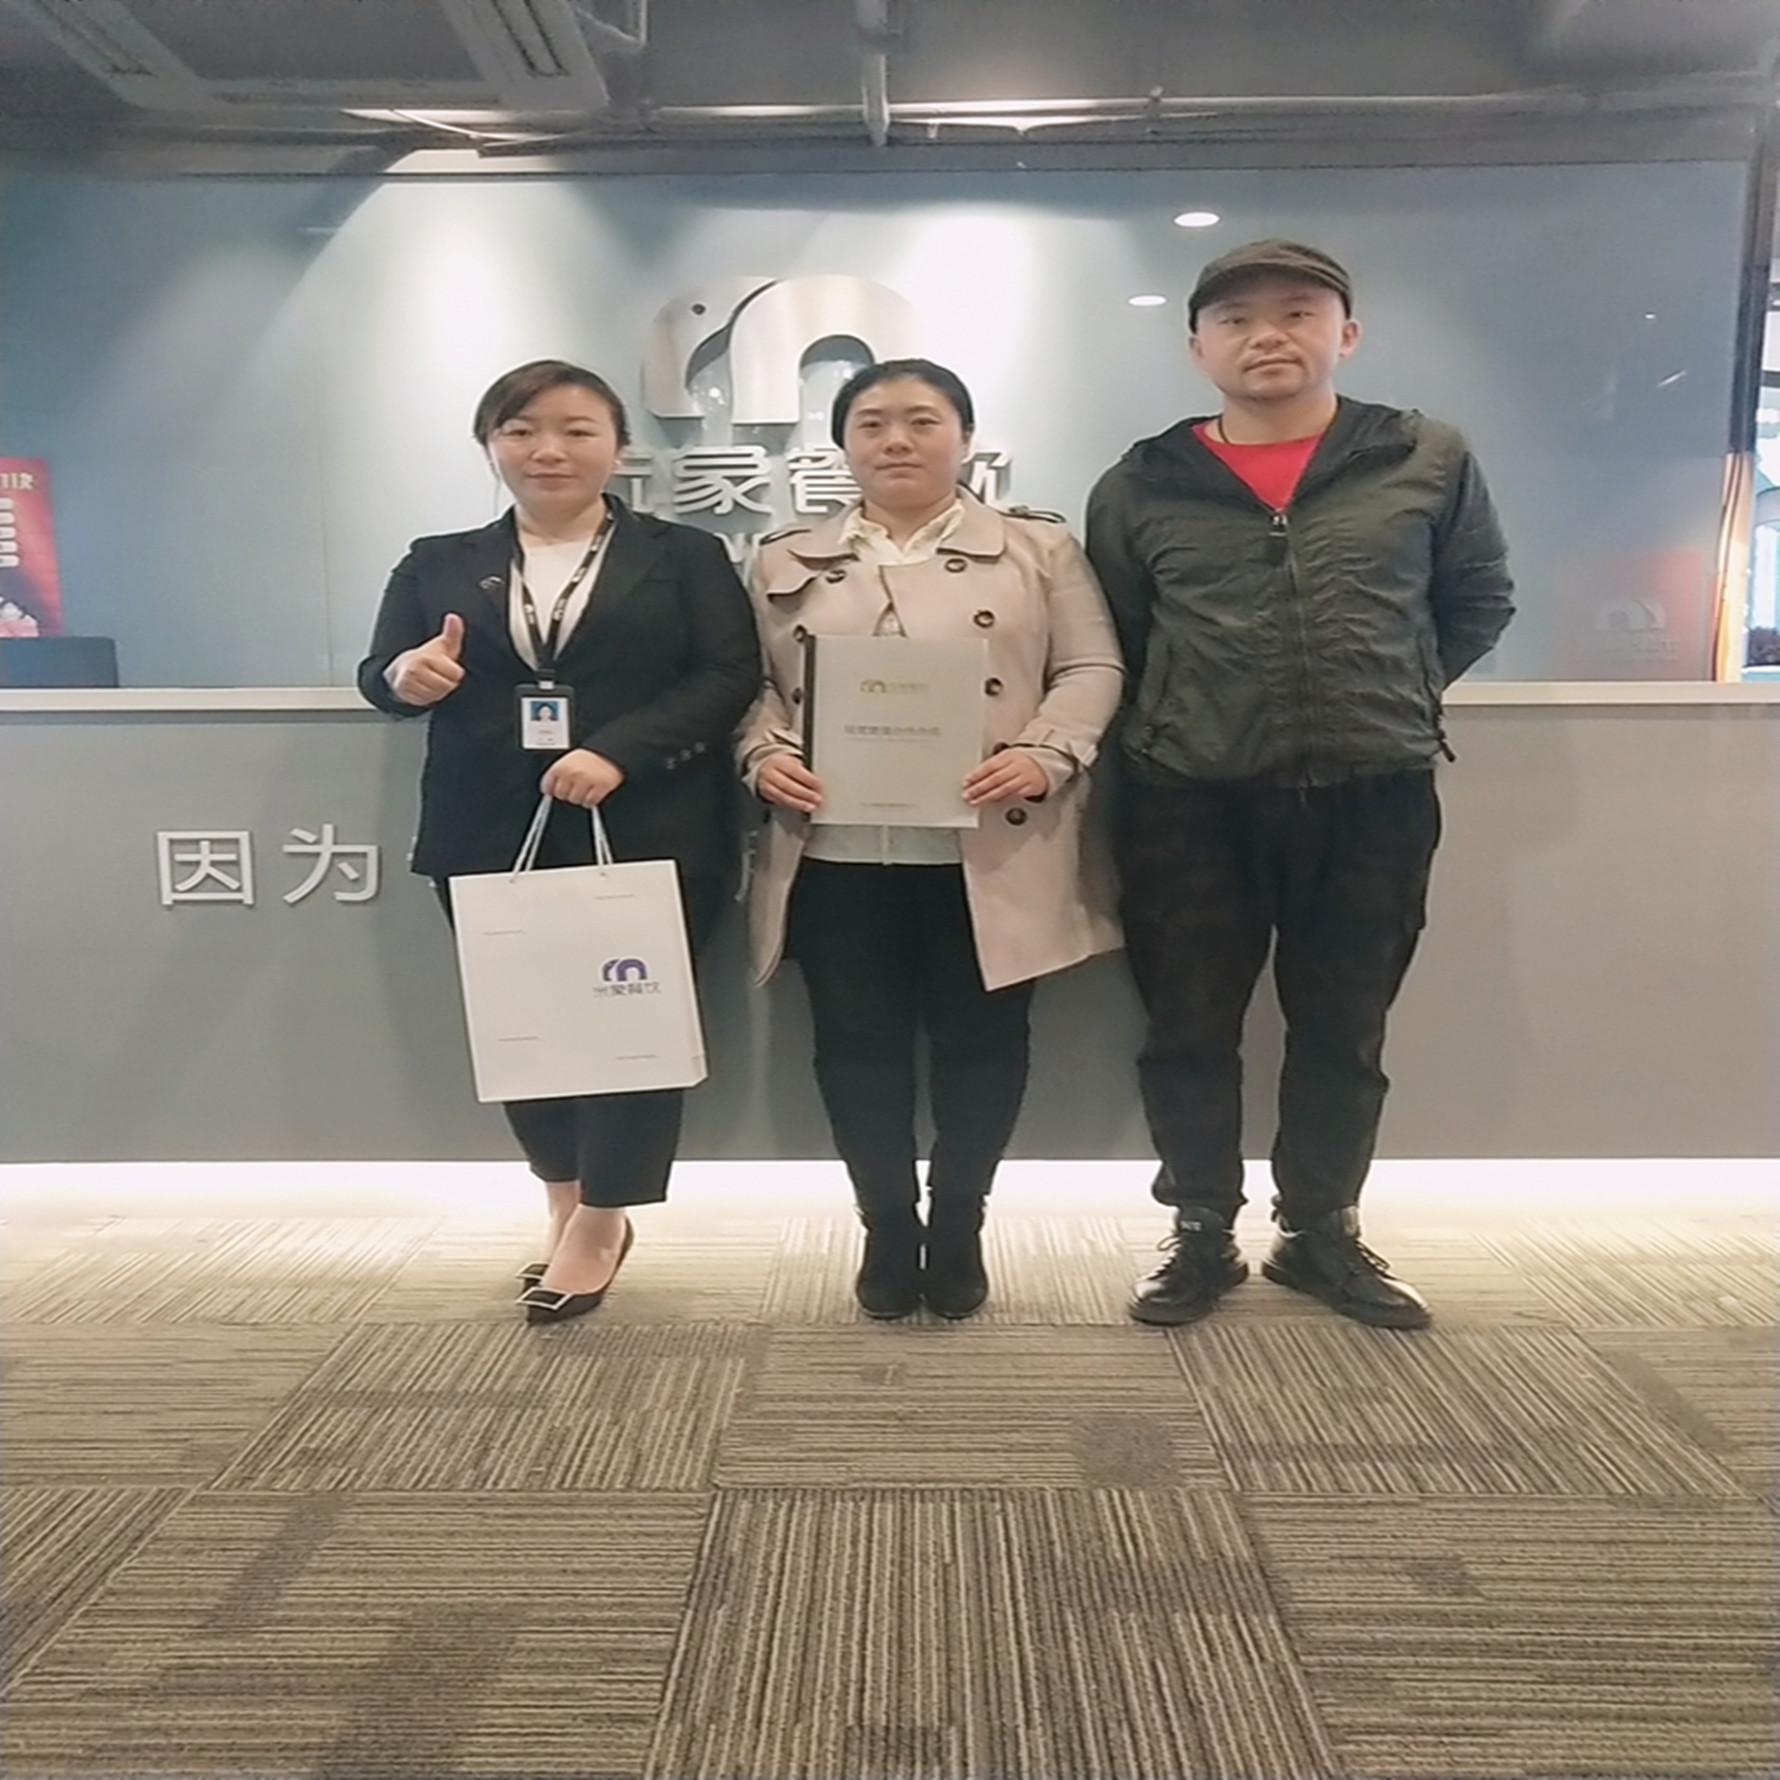 李总夫妇_副本.jpg